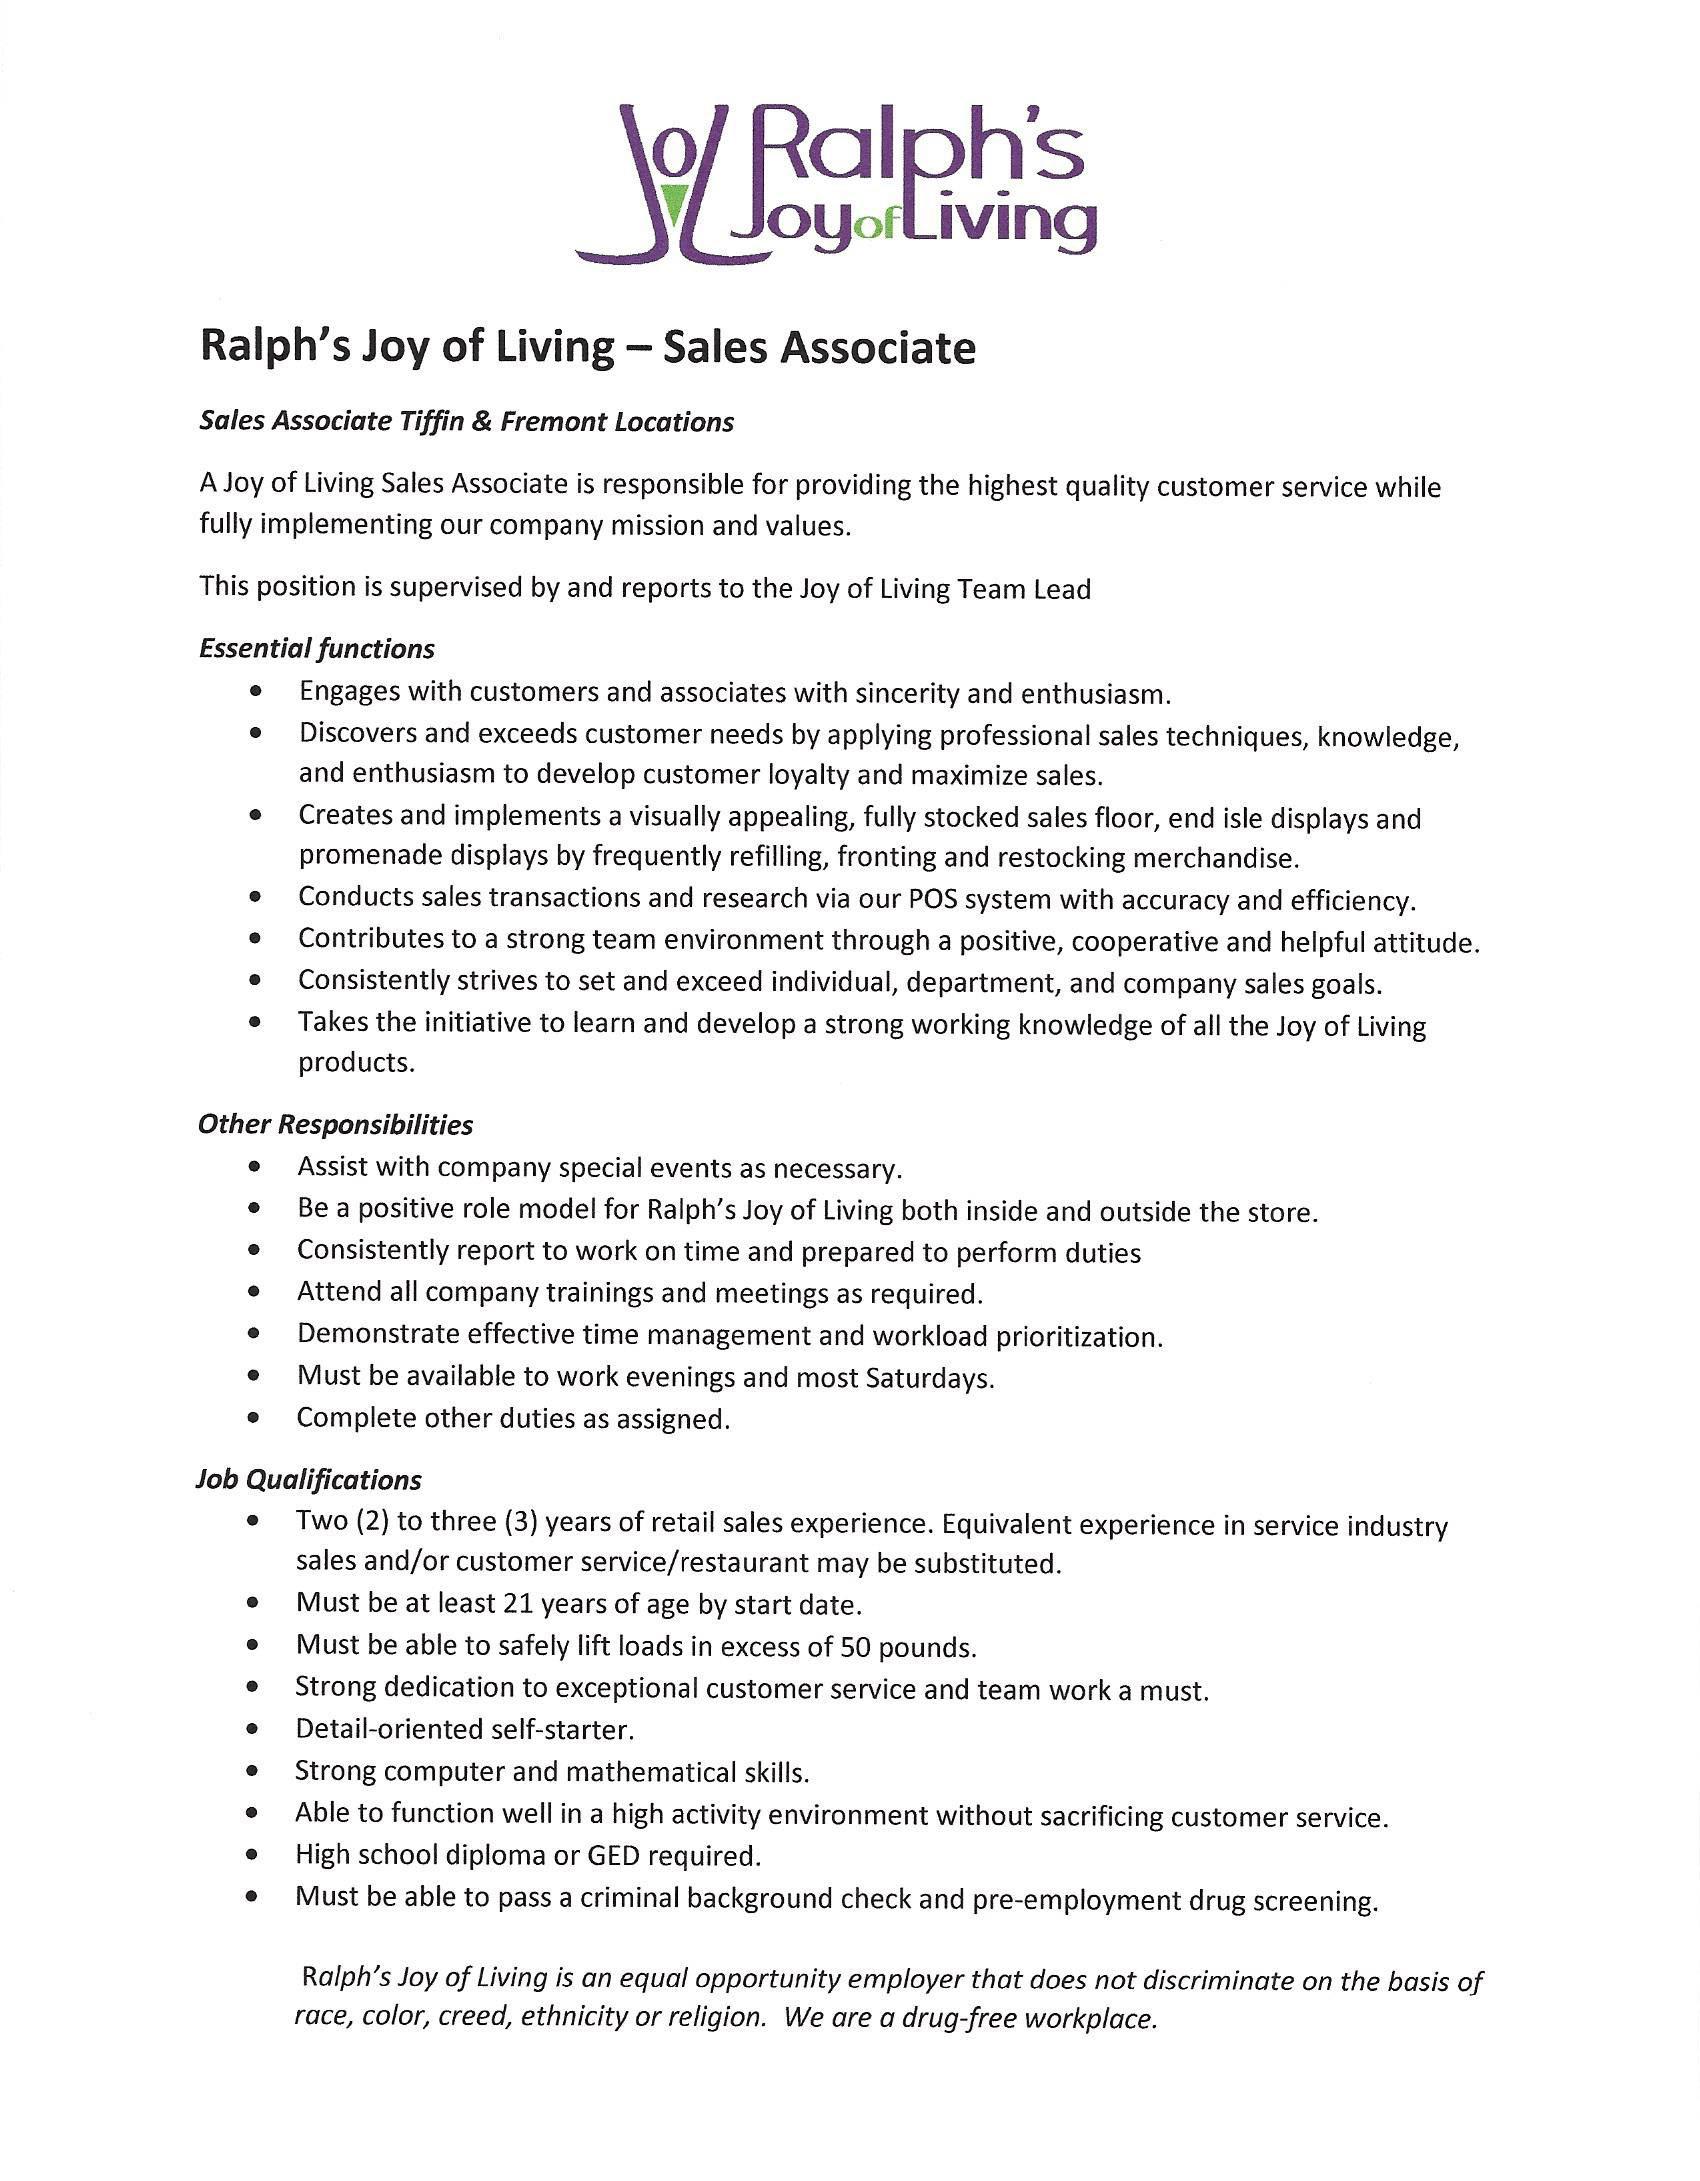 Sales Associate Description